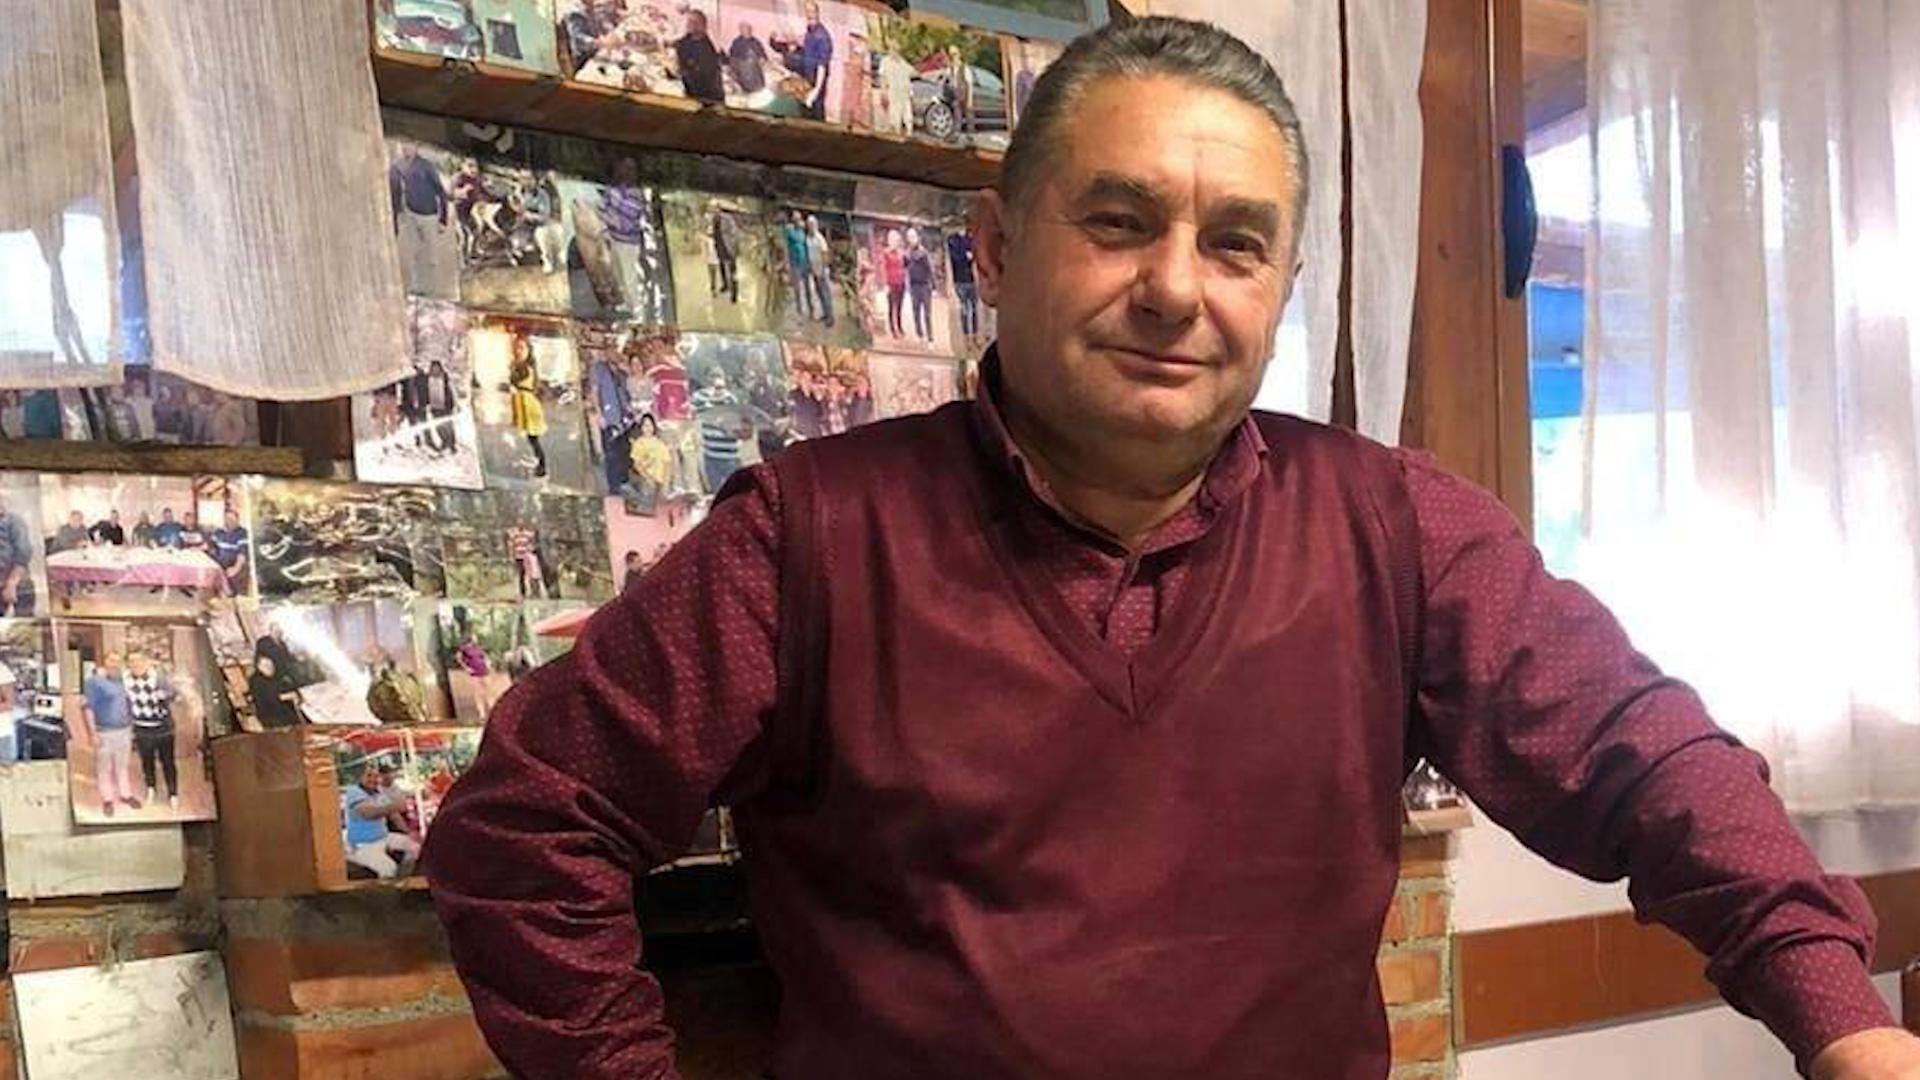 Ndahet nga jeta vëllai Ylli Ndroqit, Lulzim Pasmaçiu humb betejën me Covid-19